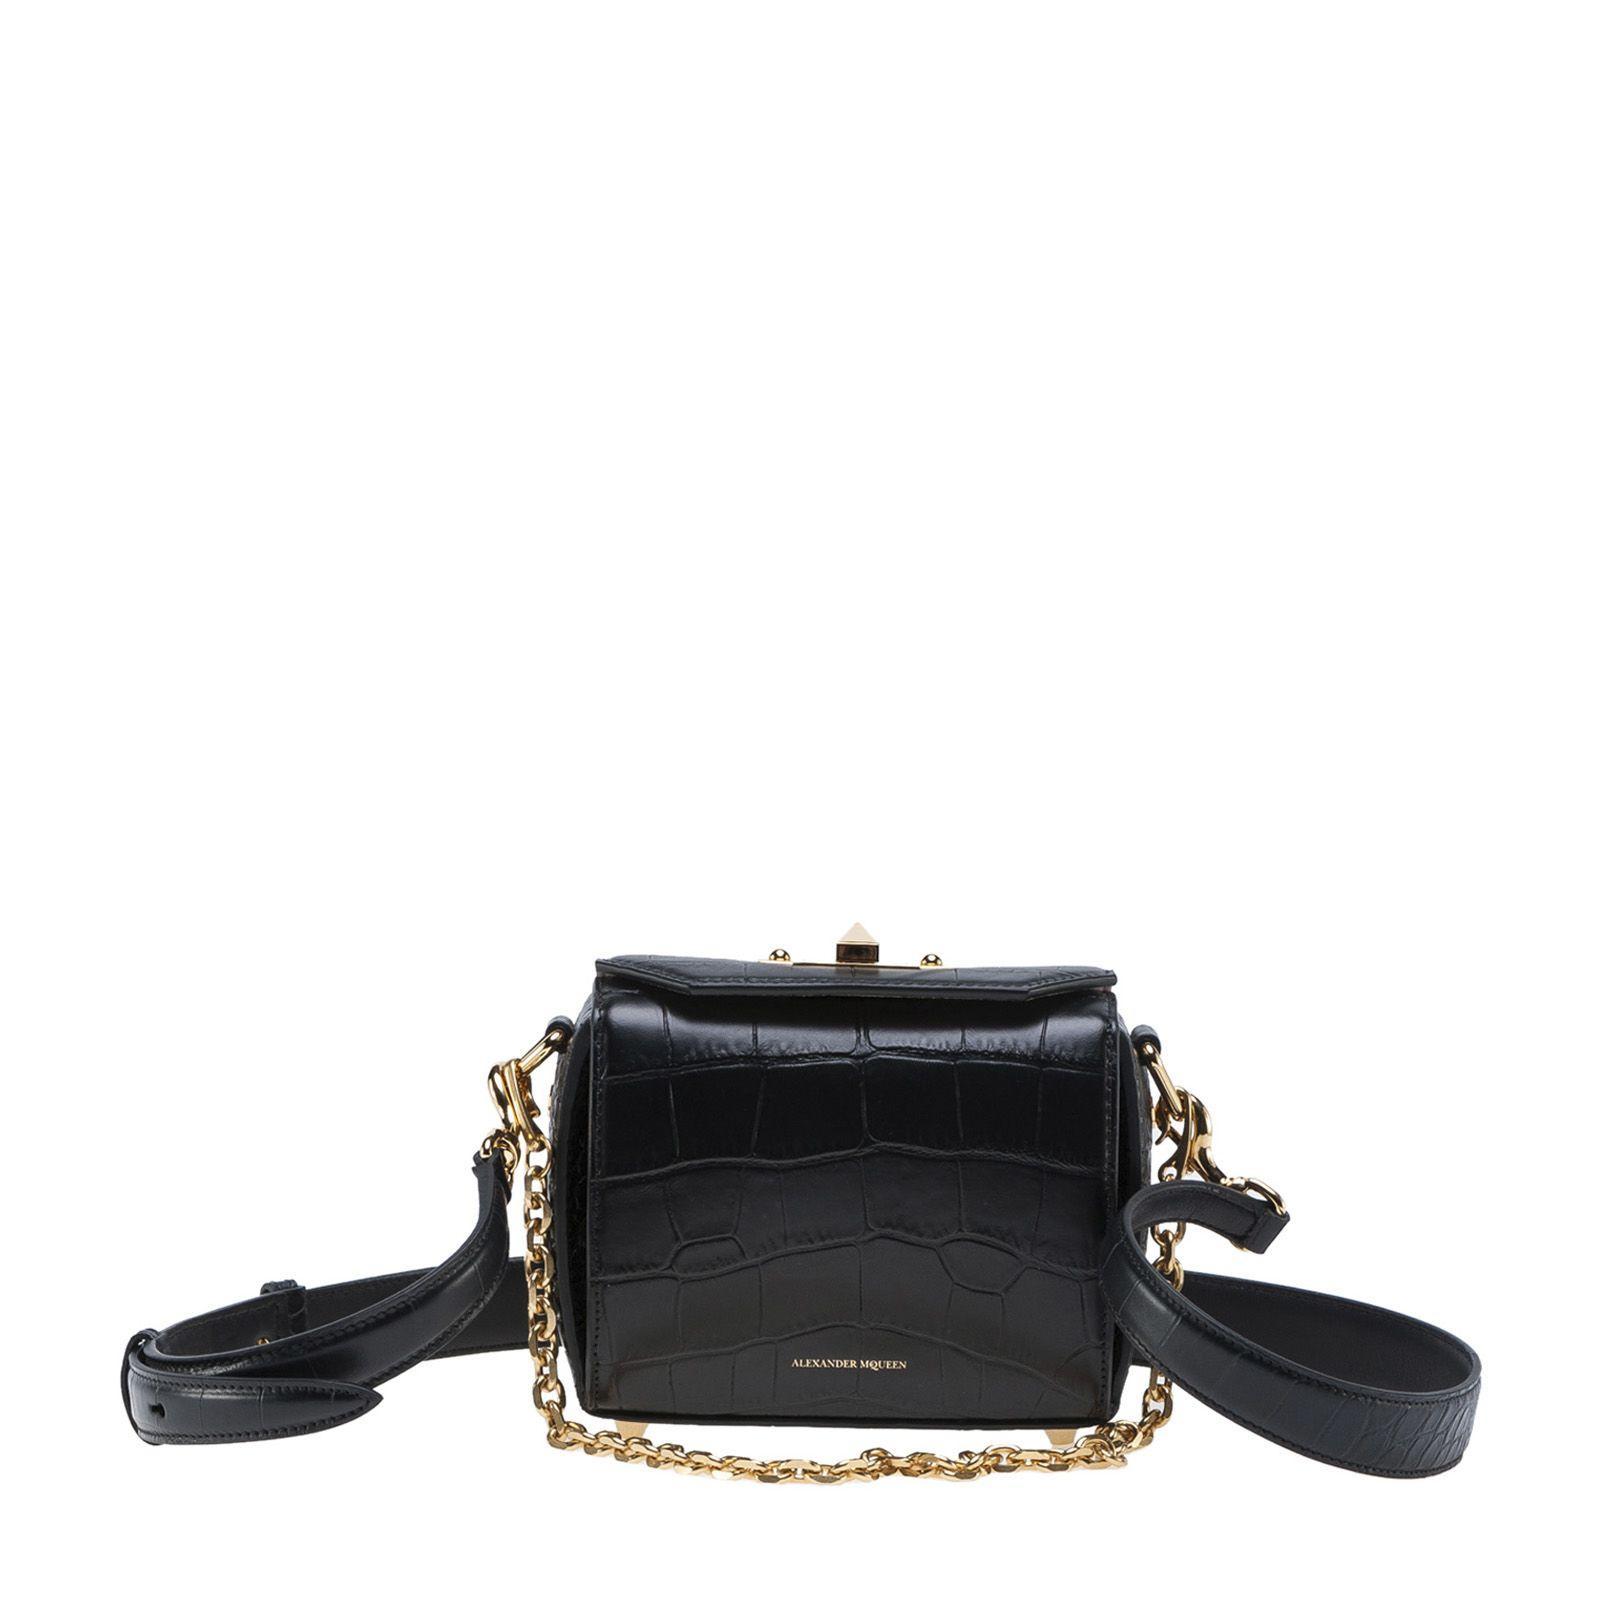 Alexander Mcqueen Crocodile Embossed Box Bag 16 In Black